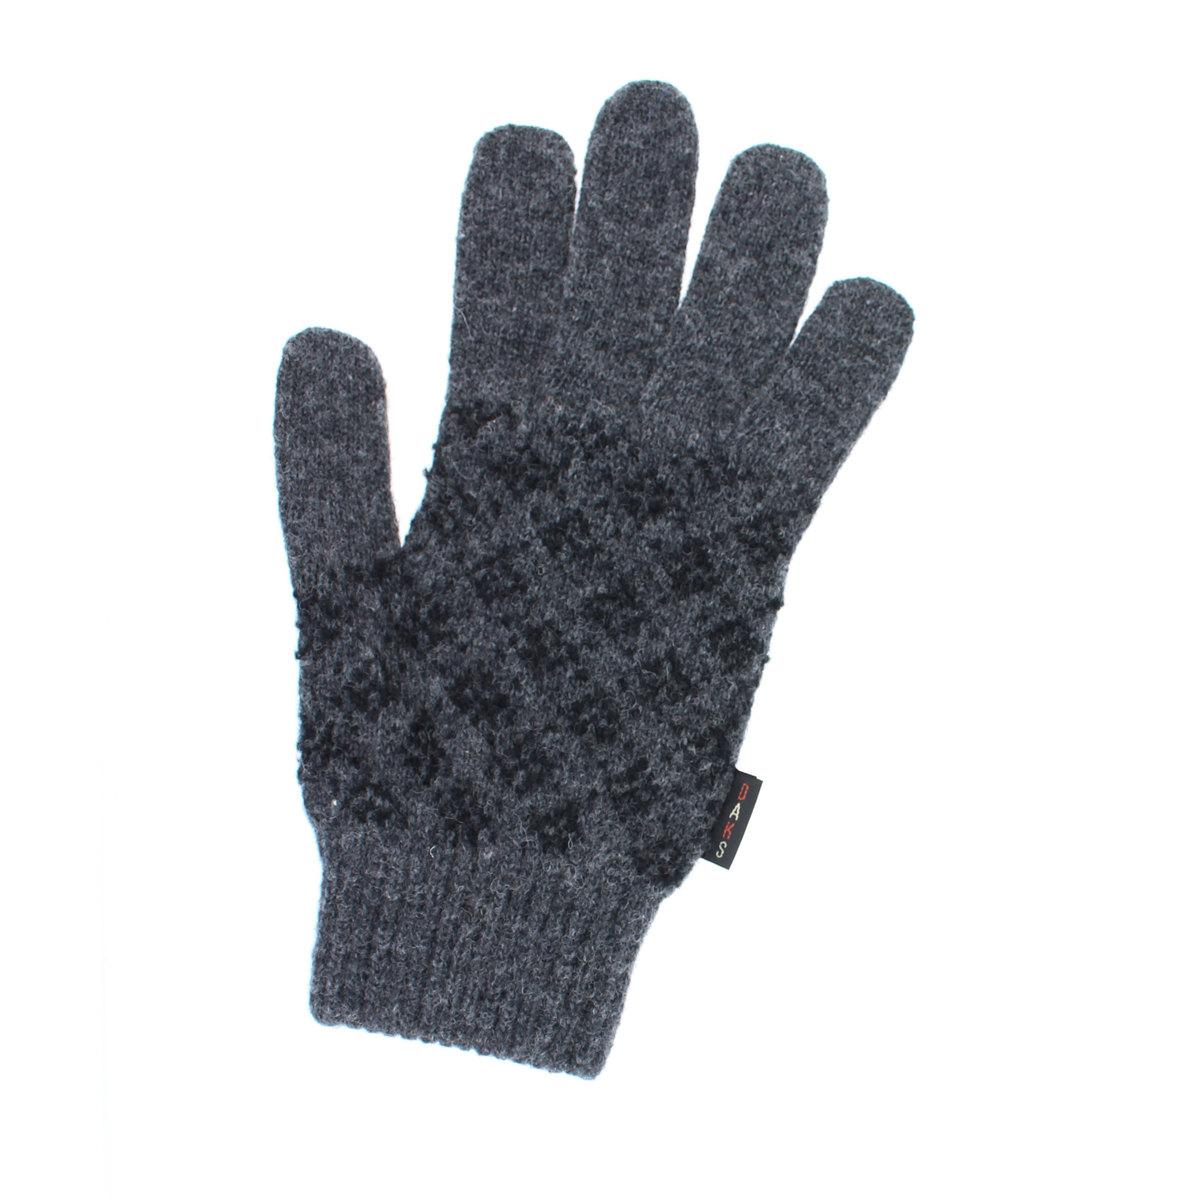 DAKS ダックス チェック柄 ニット メンズ 手袋  日本製 フリーサイズ 全3色